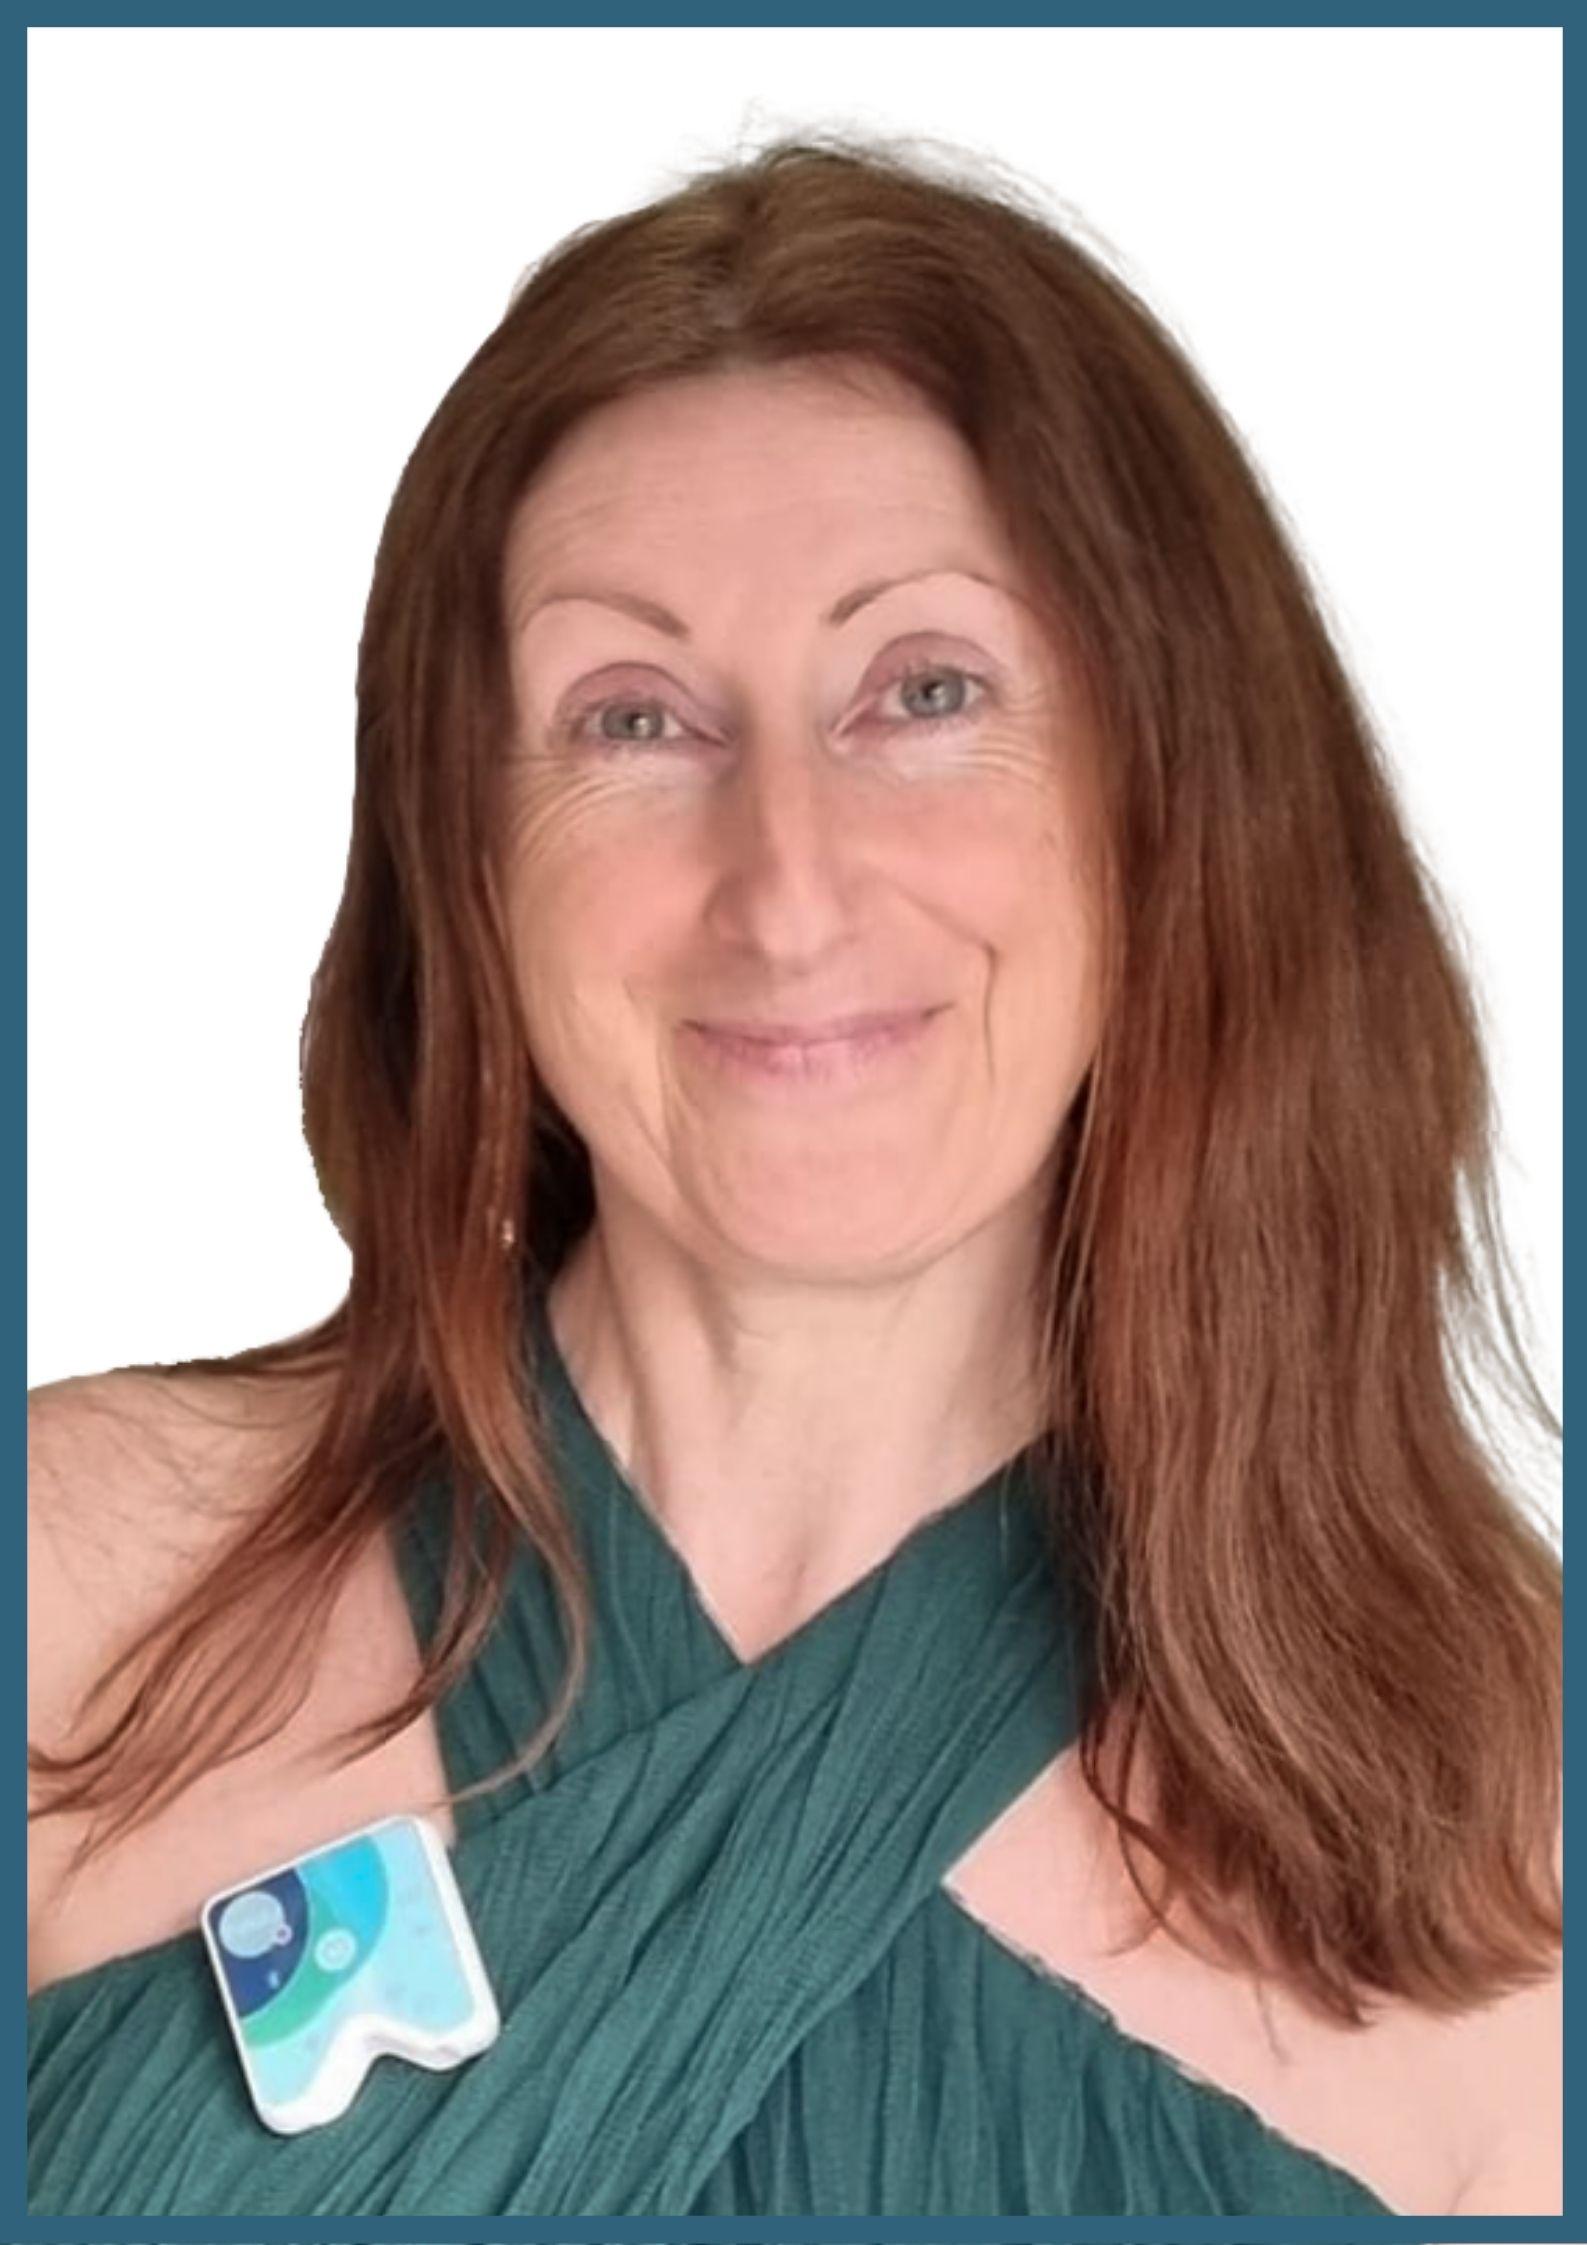 Anita Profile framed IN COLOUR 31627C